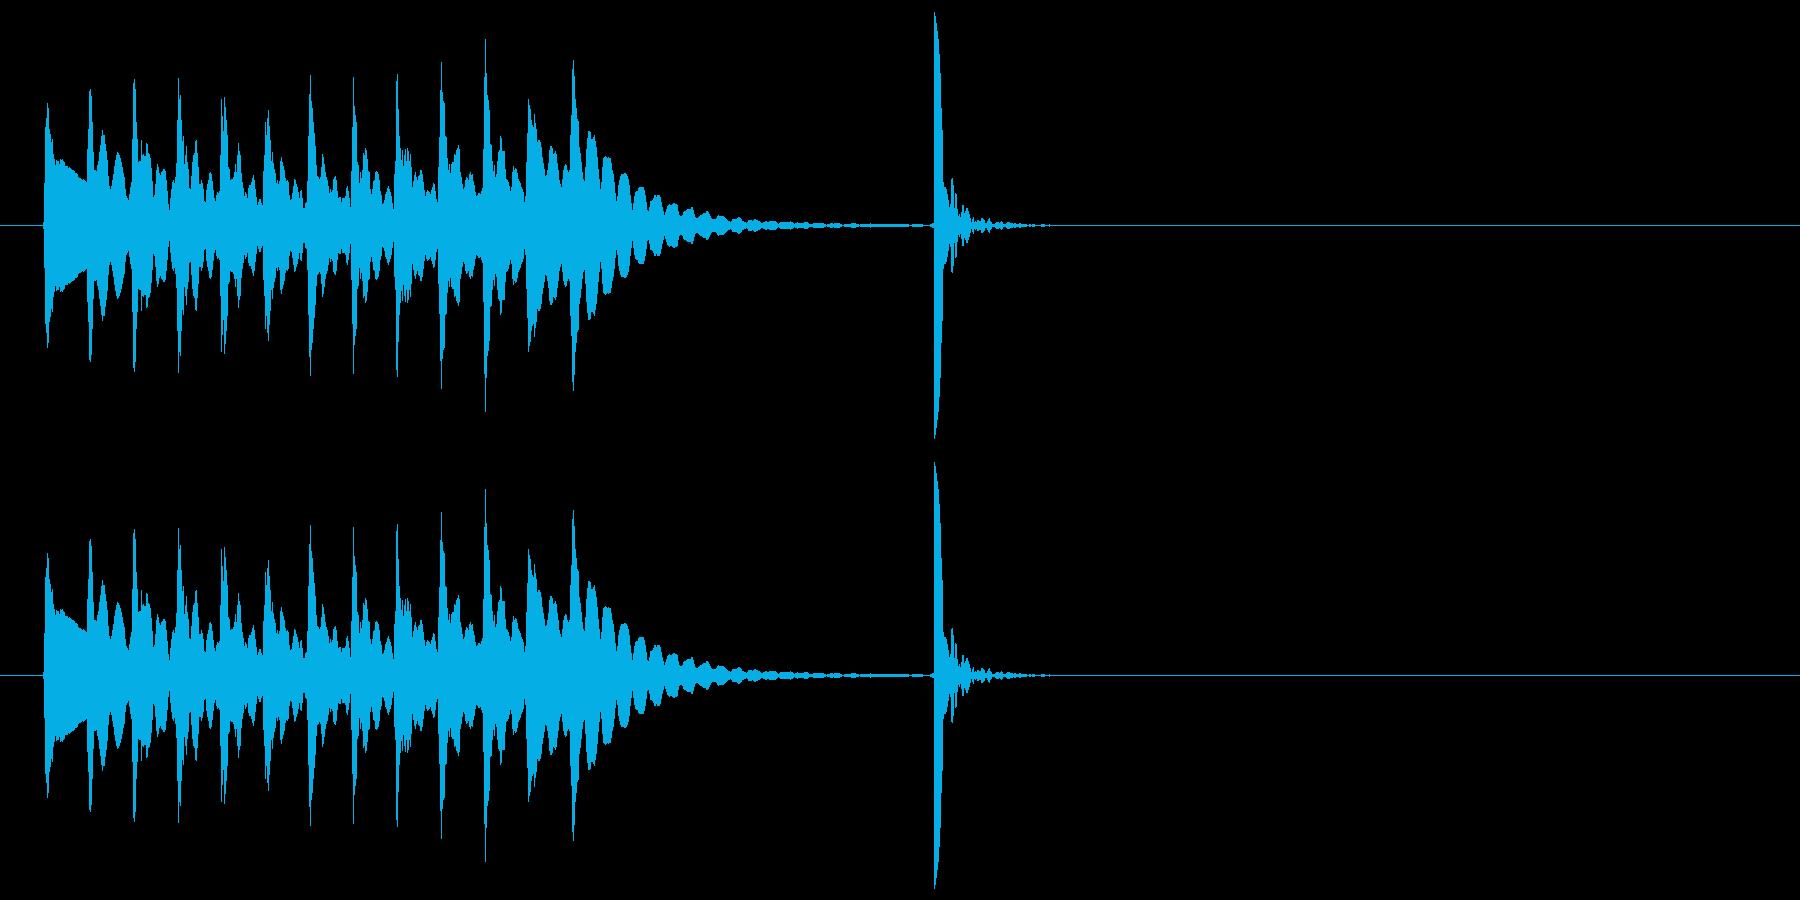 木琴~ポンッ!場面転換 アイキャッチ#3の再生済みの波形